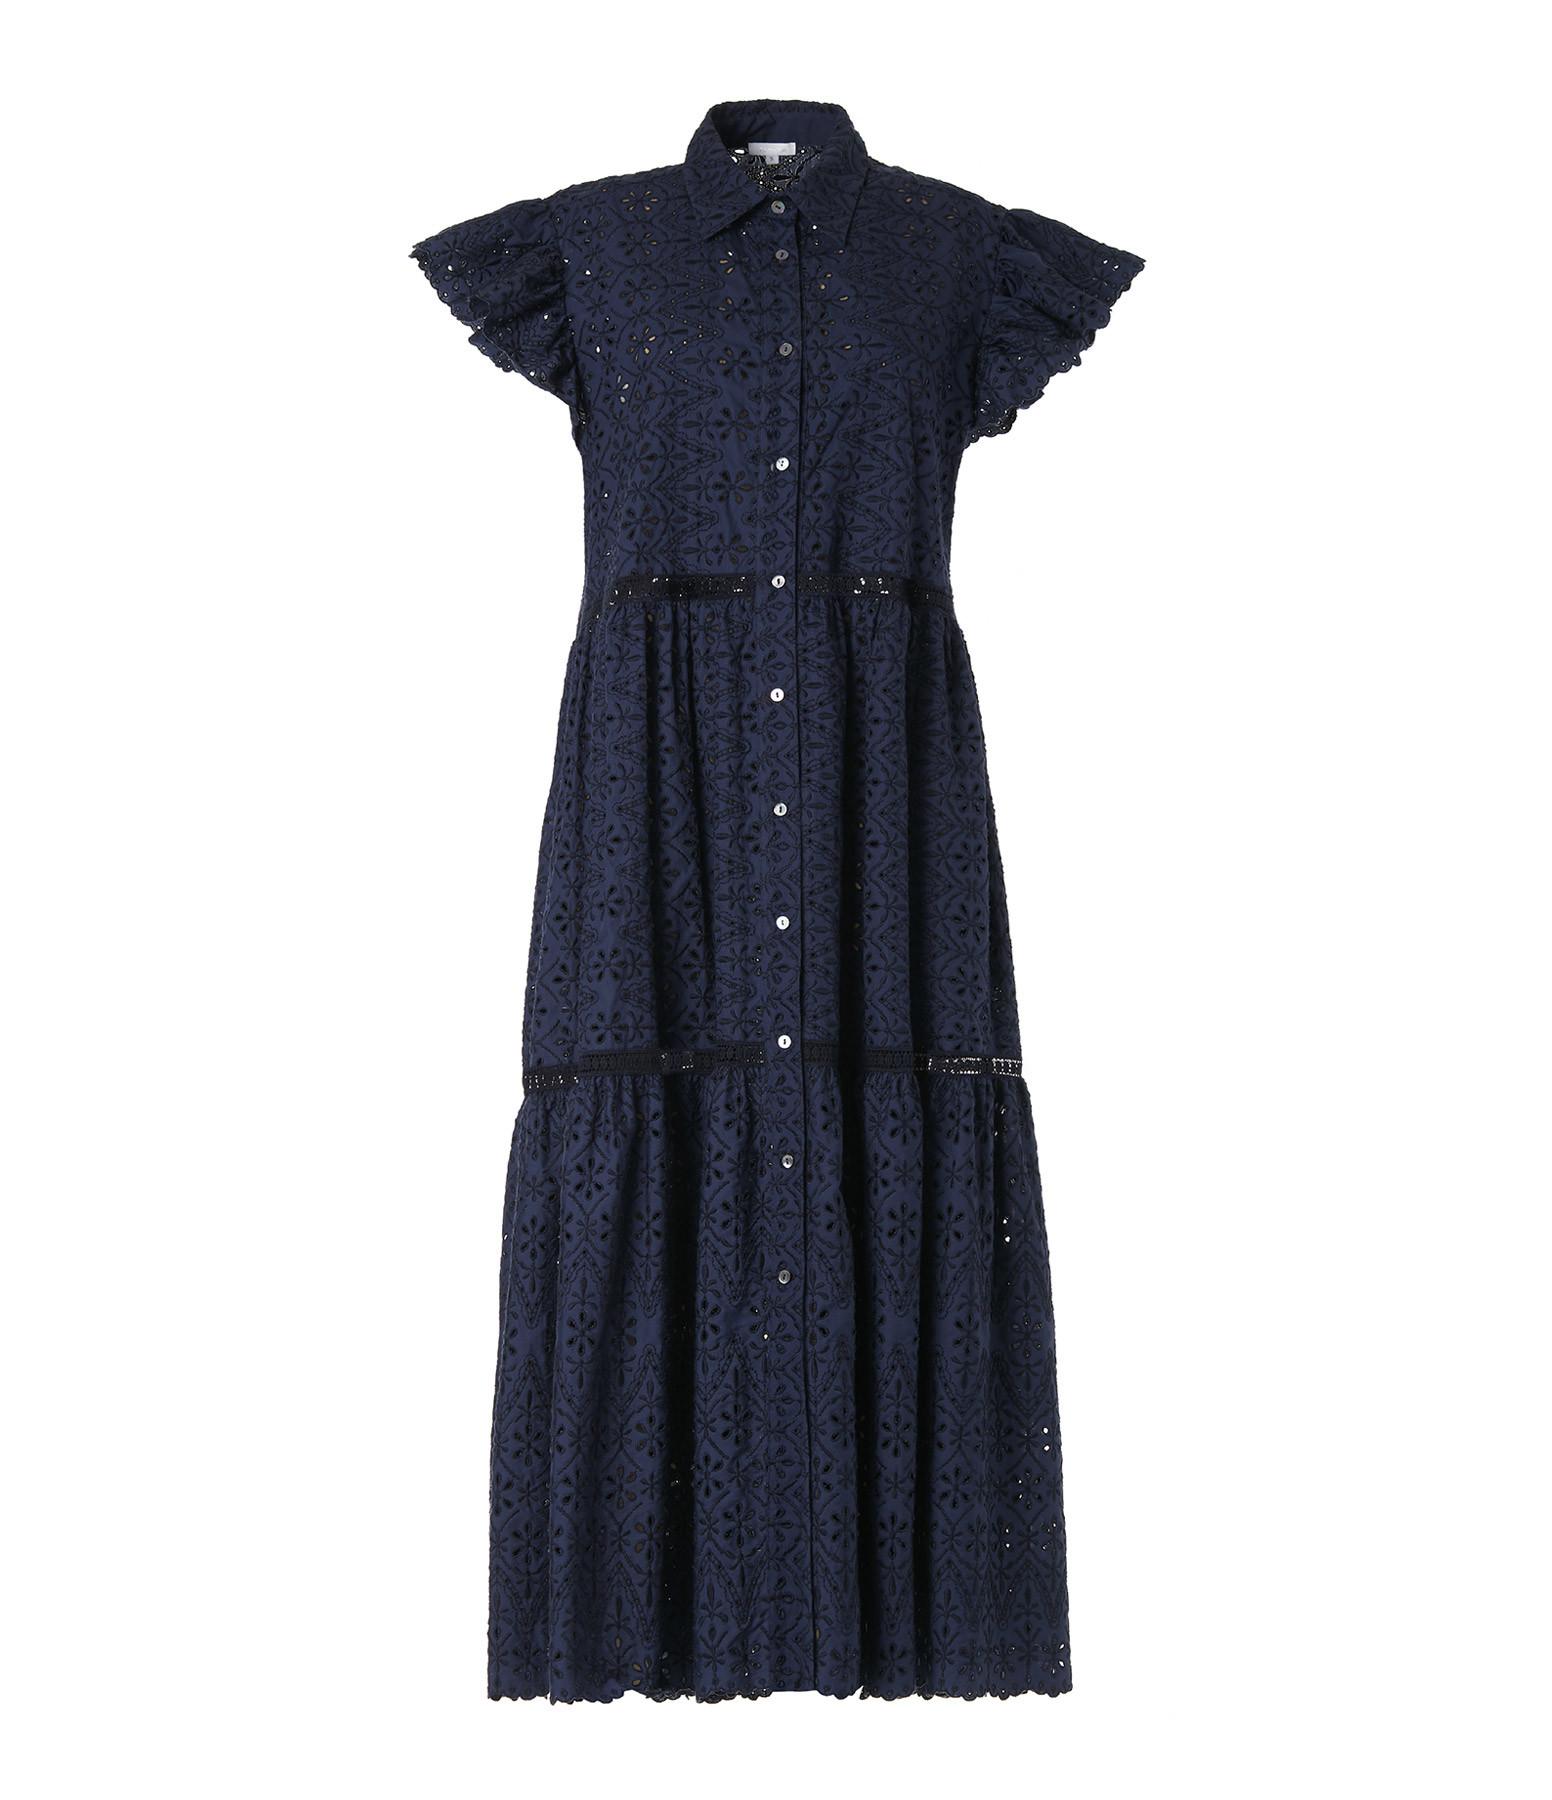 P.A.R.O.S.H. - Robe Curcuma Coton Bleu